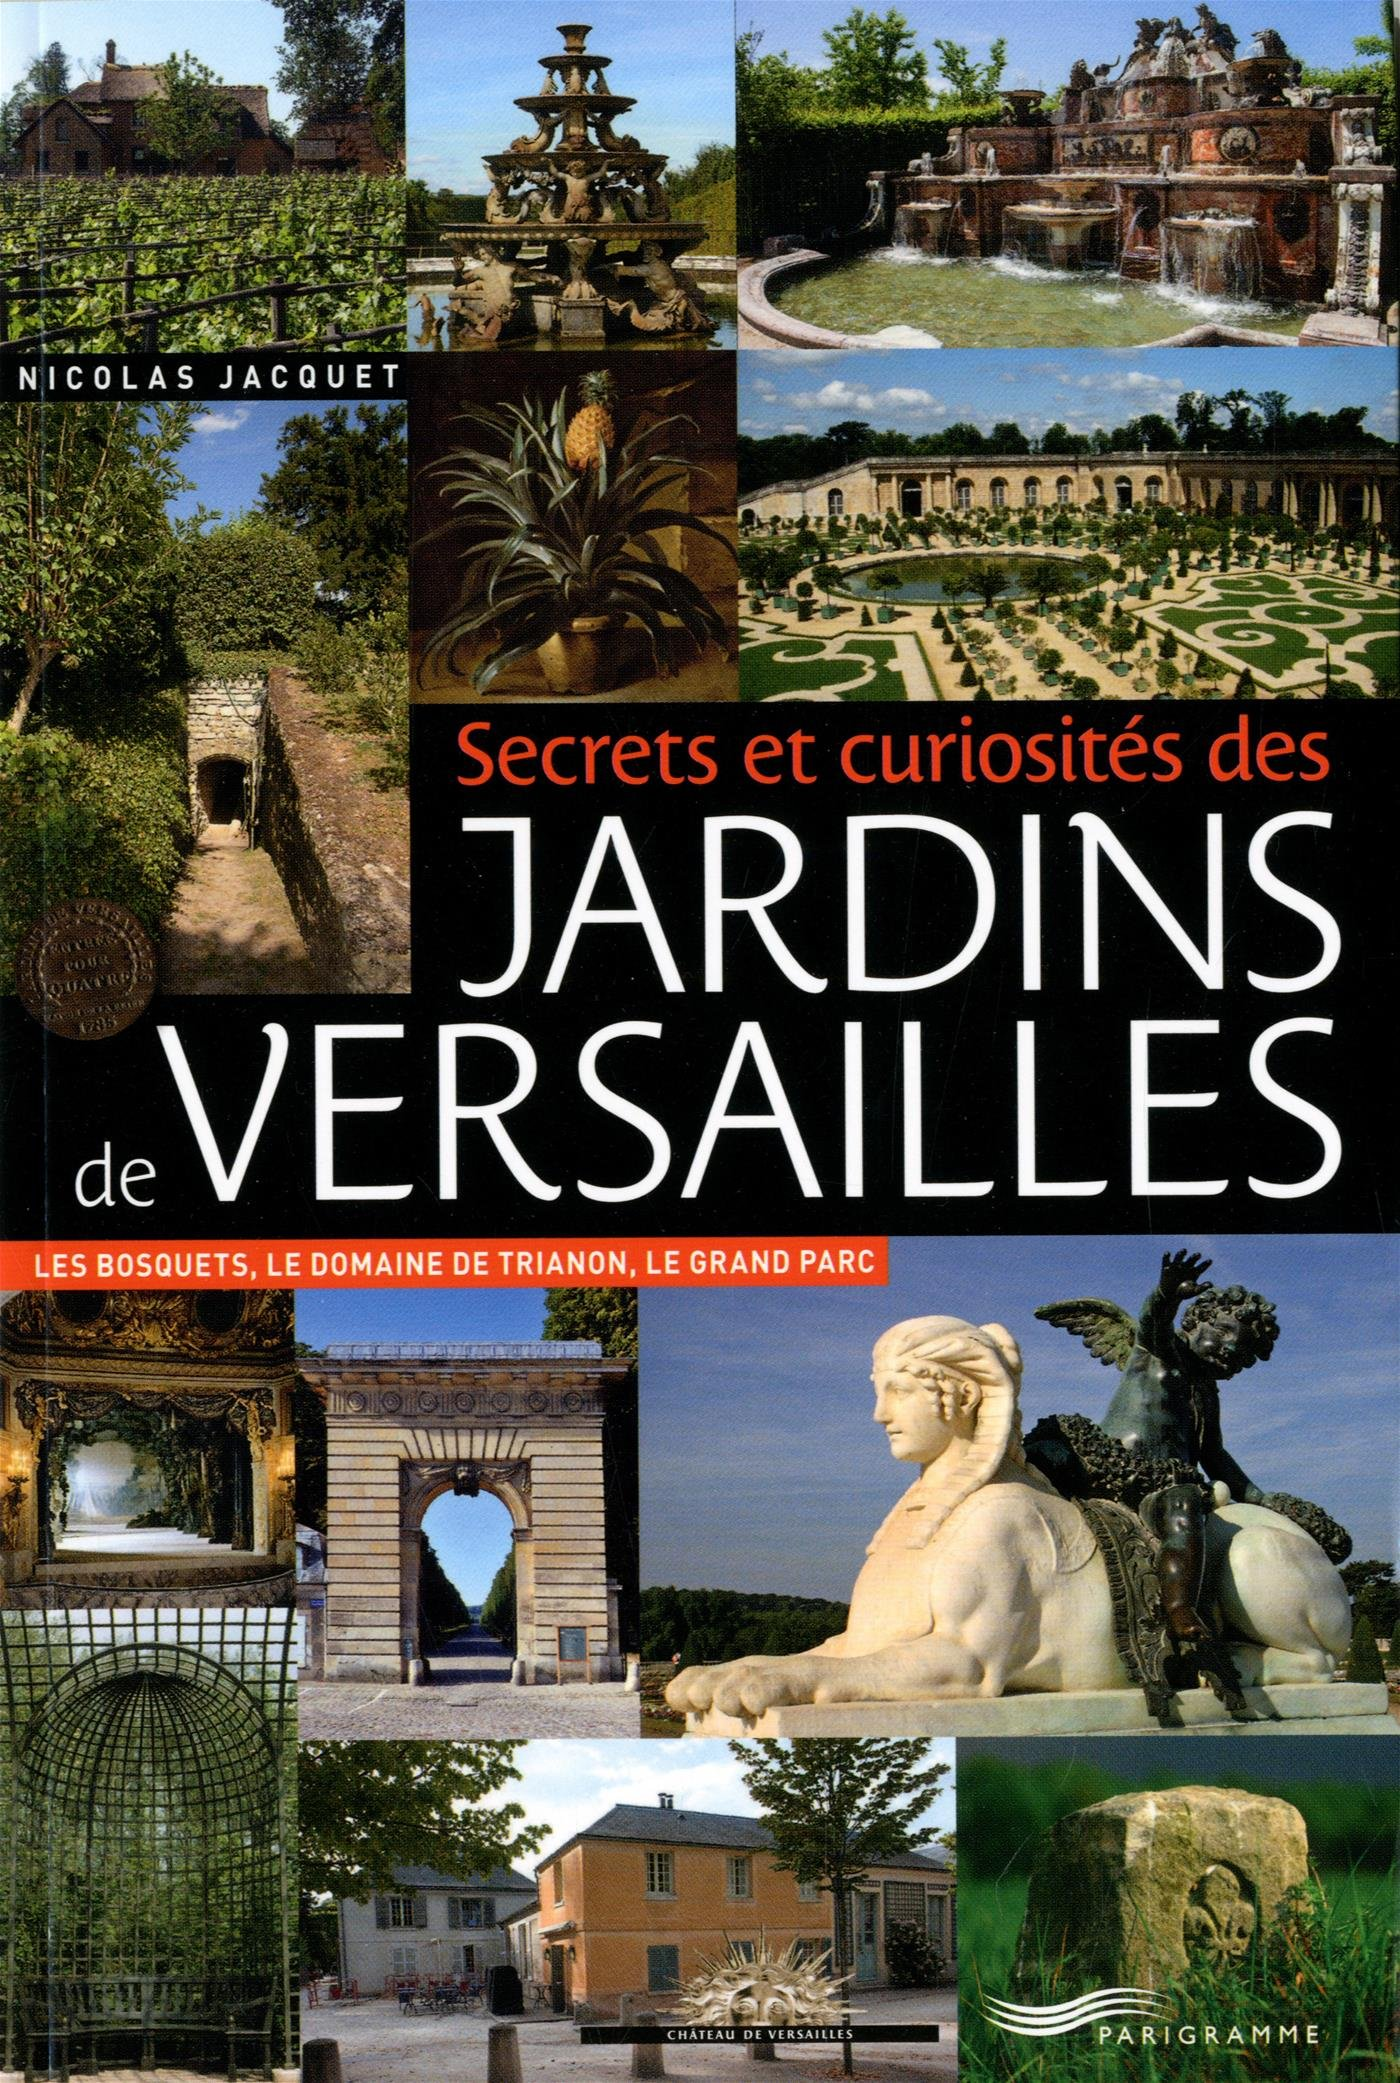 Secrets et curiosités des jardins de Versailles : les bosquets, le domaine de Trianon, le grand parc